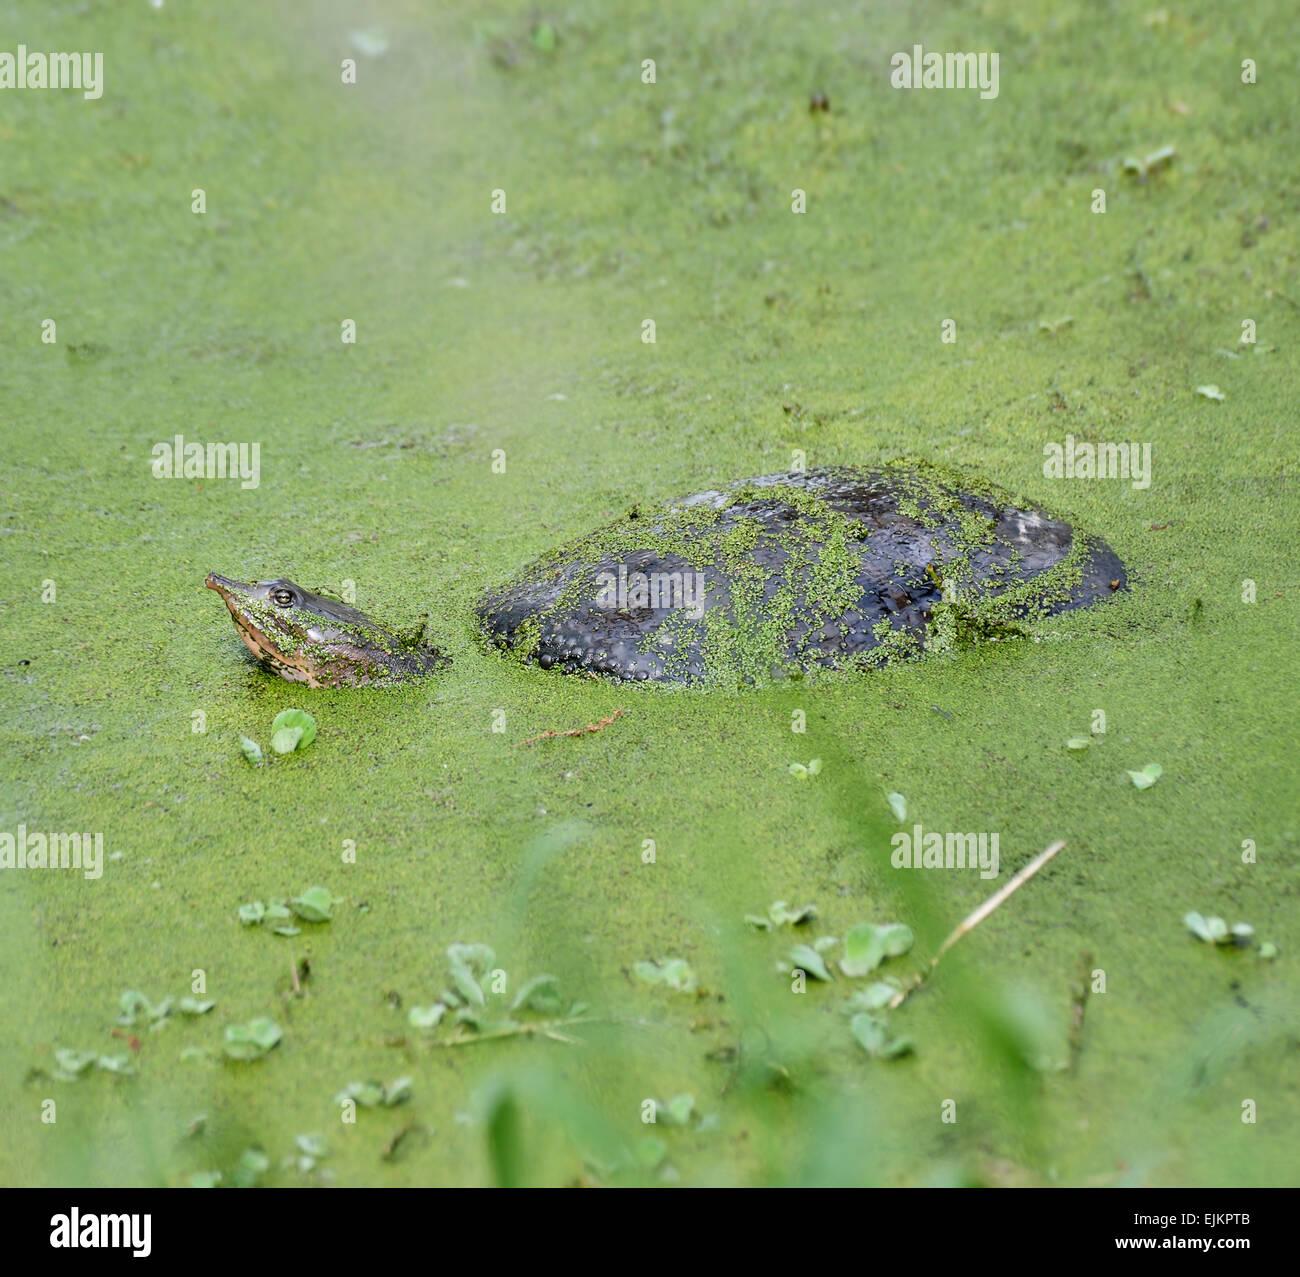 Tortugas de caparazón blando de Florida en el pantano Imagen De Stock